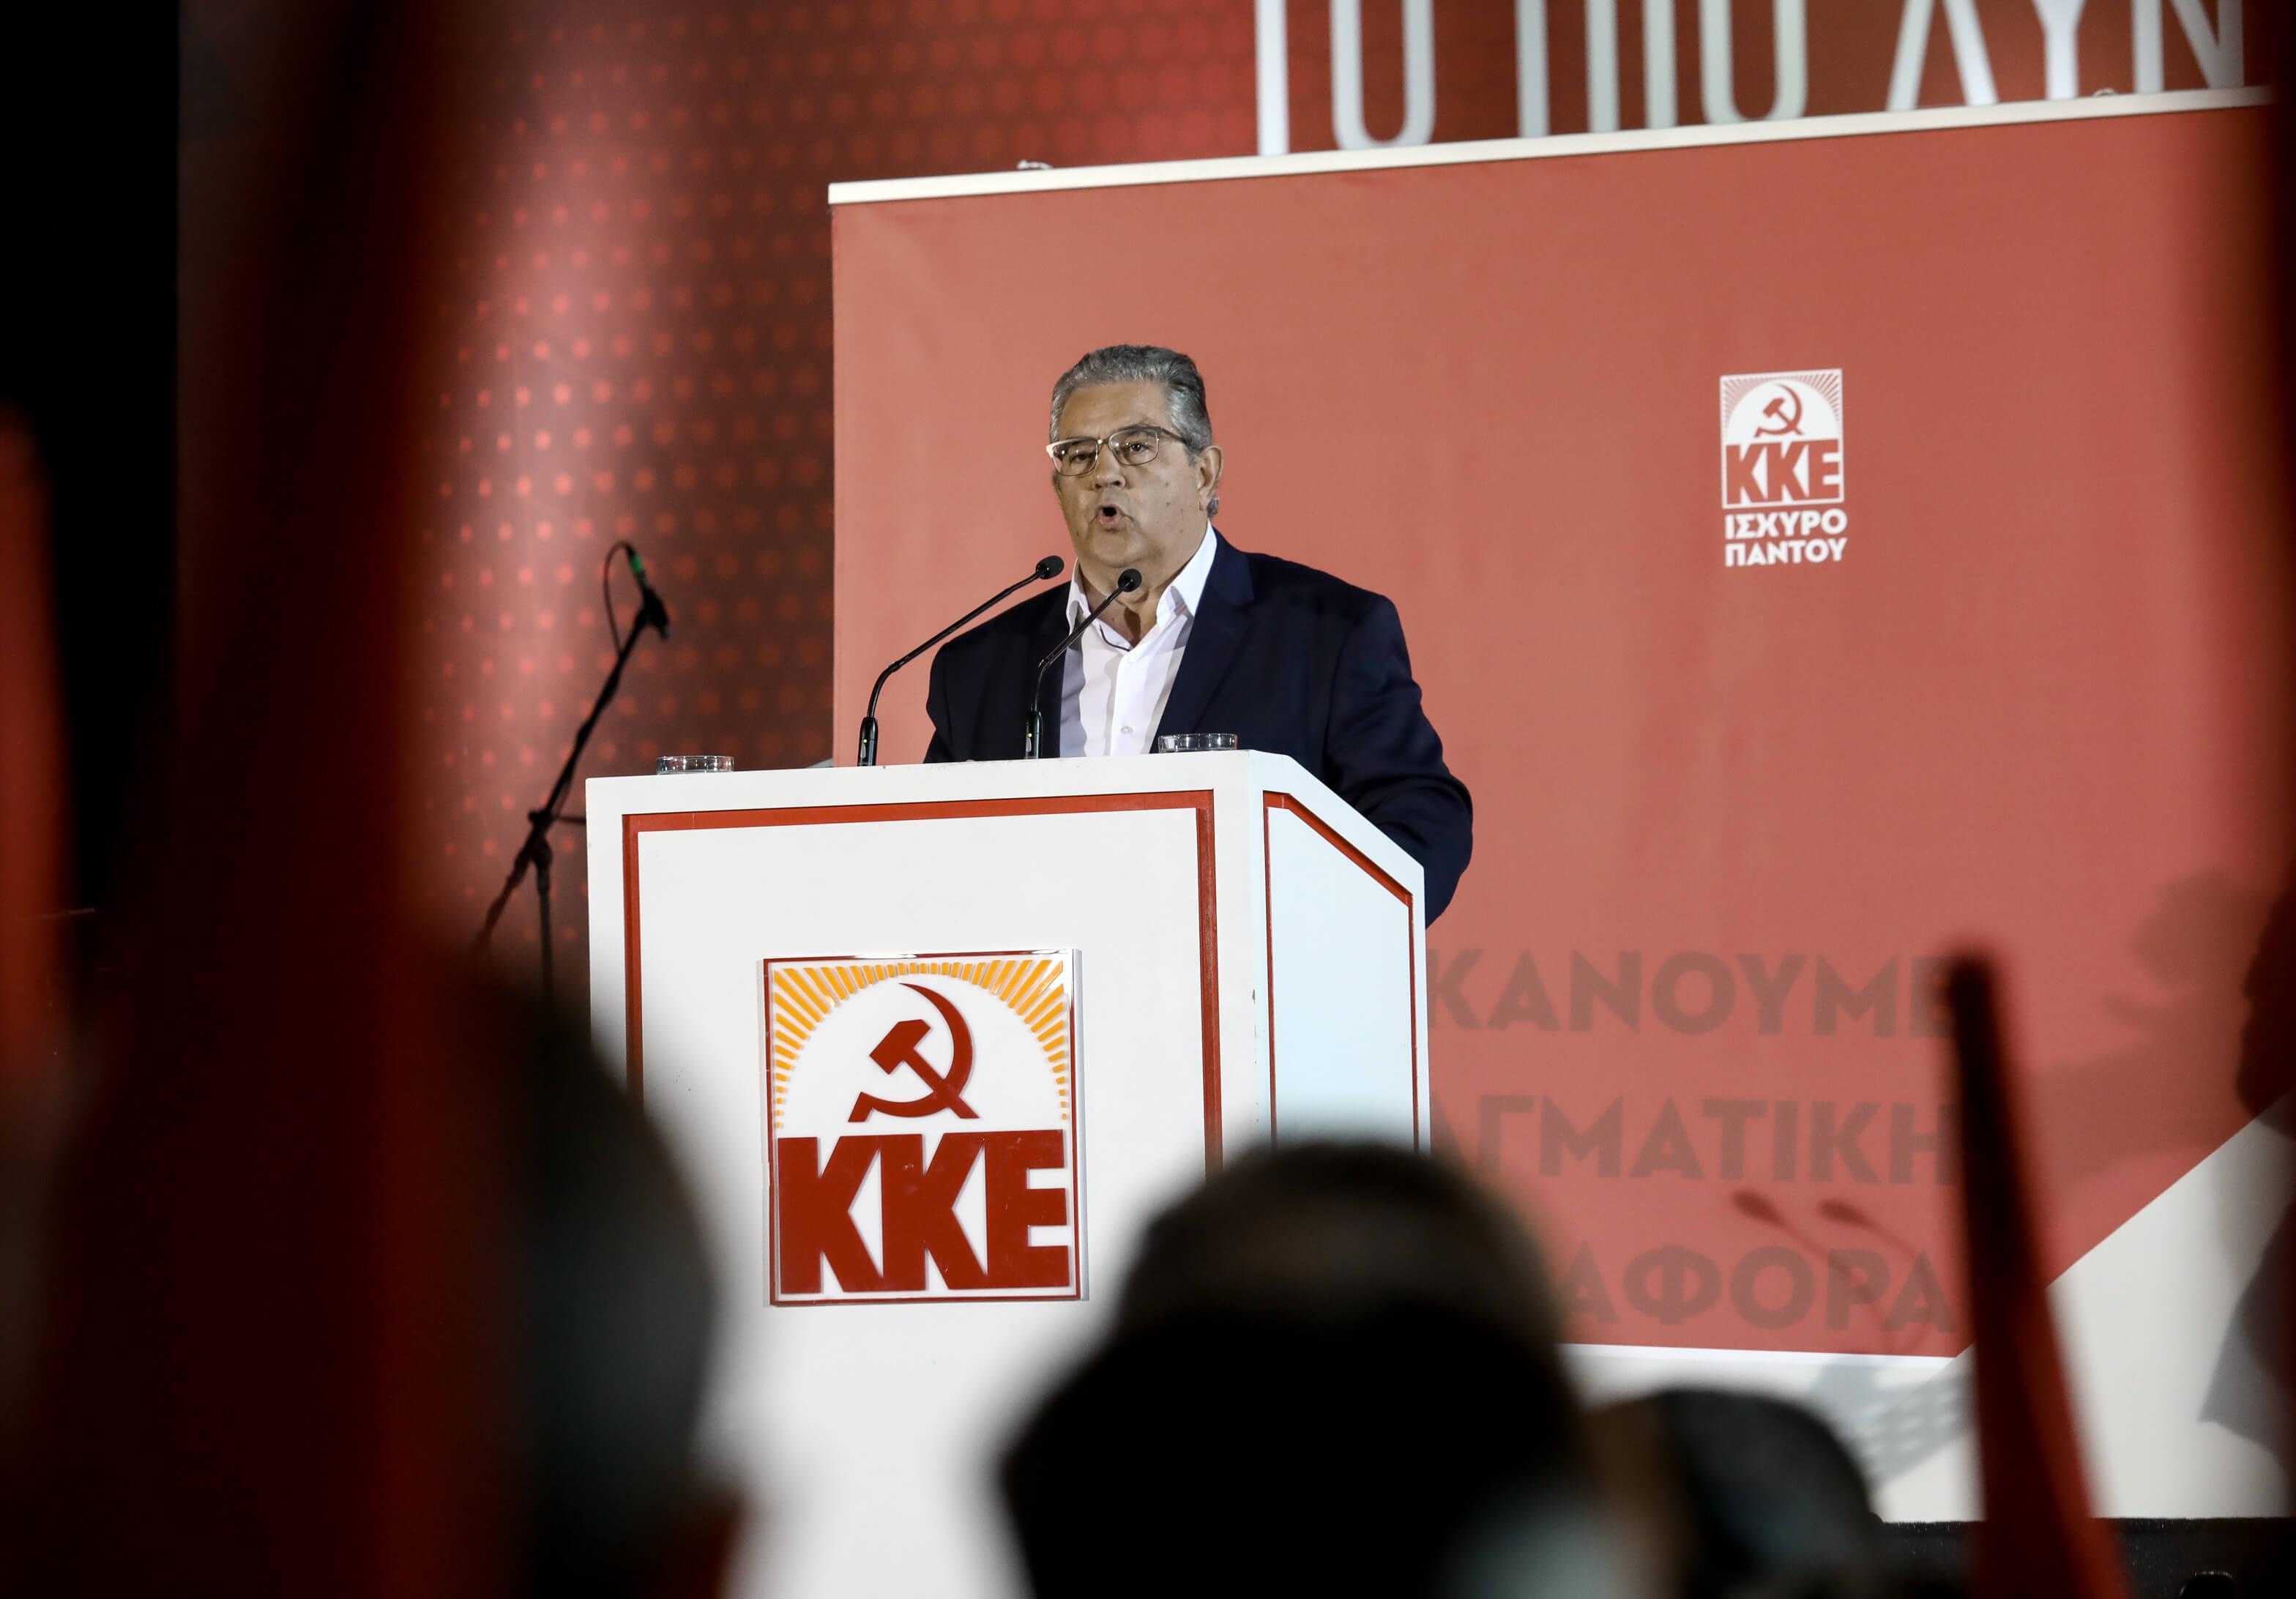 Ευρωεκλογές 2019 – Κουτσούμπας: Ο ΣΥΡΙΖΑ έχει πάρει τη θέση του ΠΑΣΟΚ